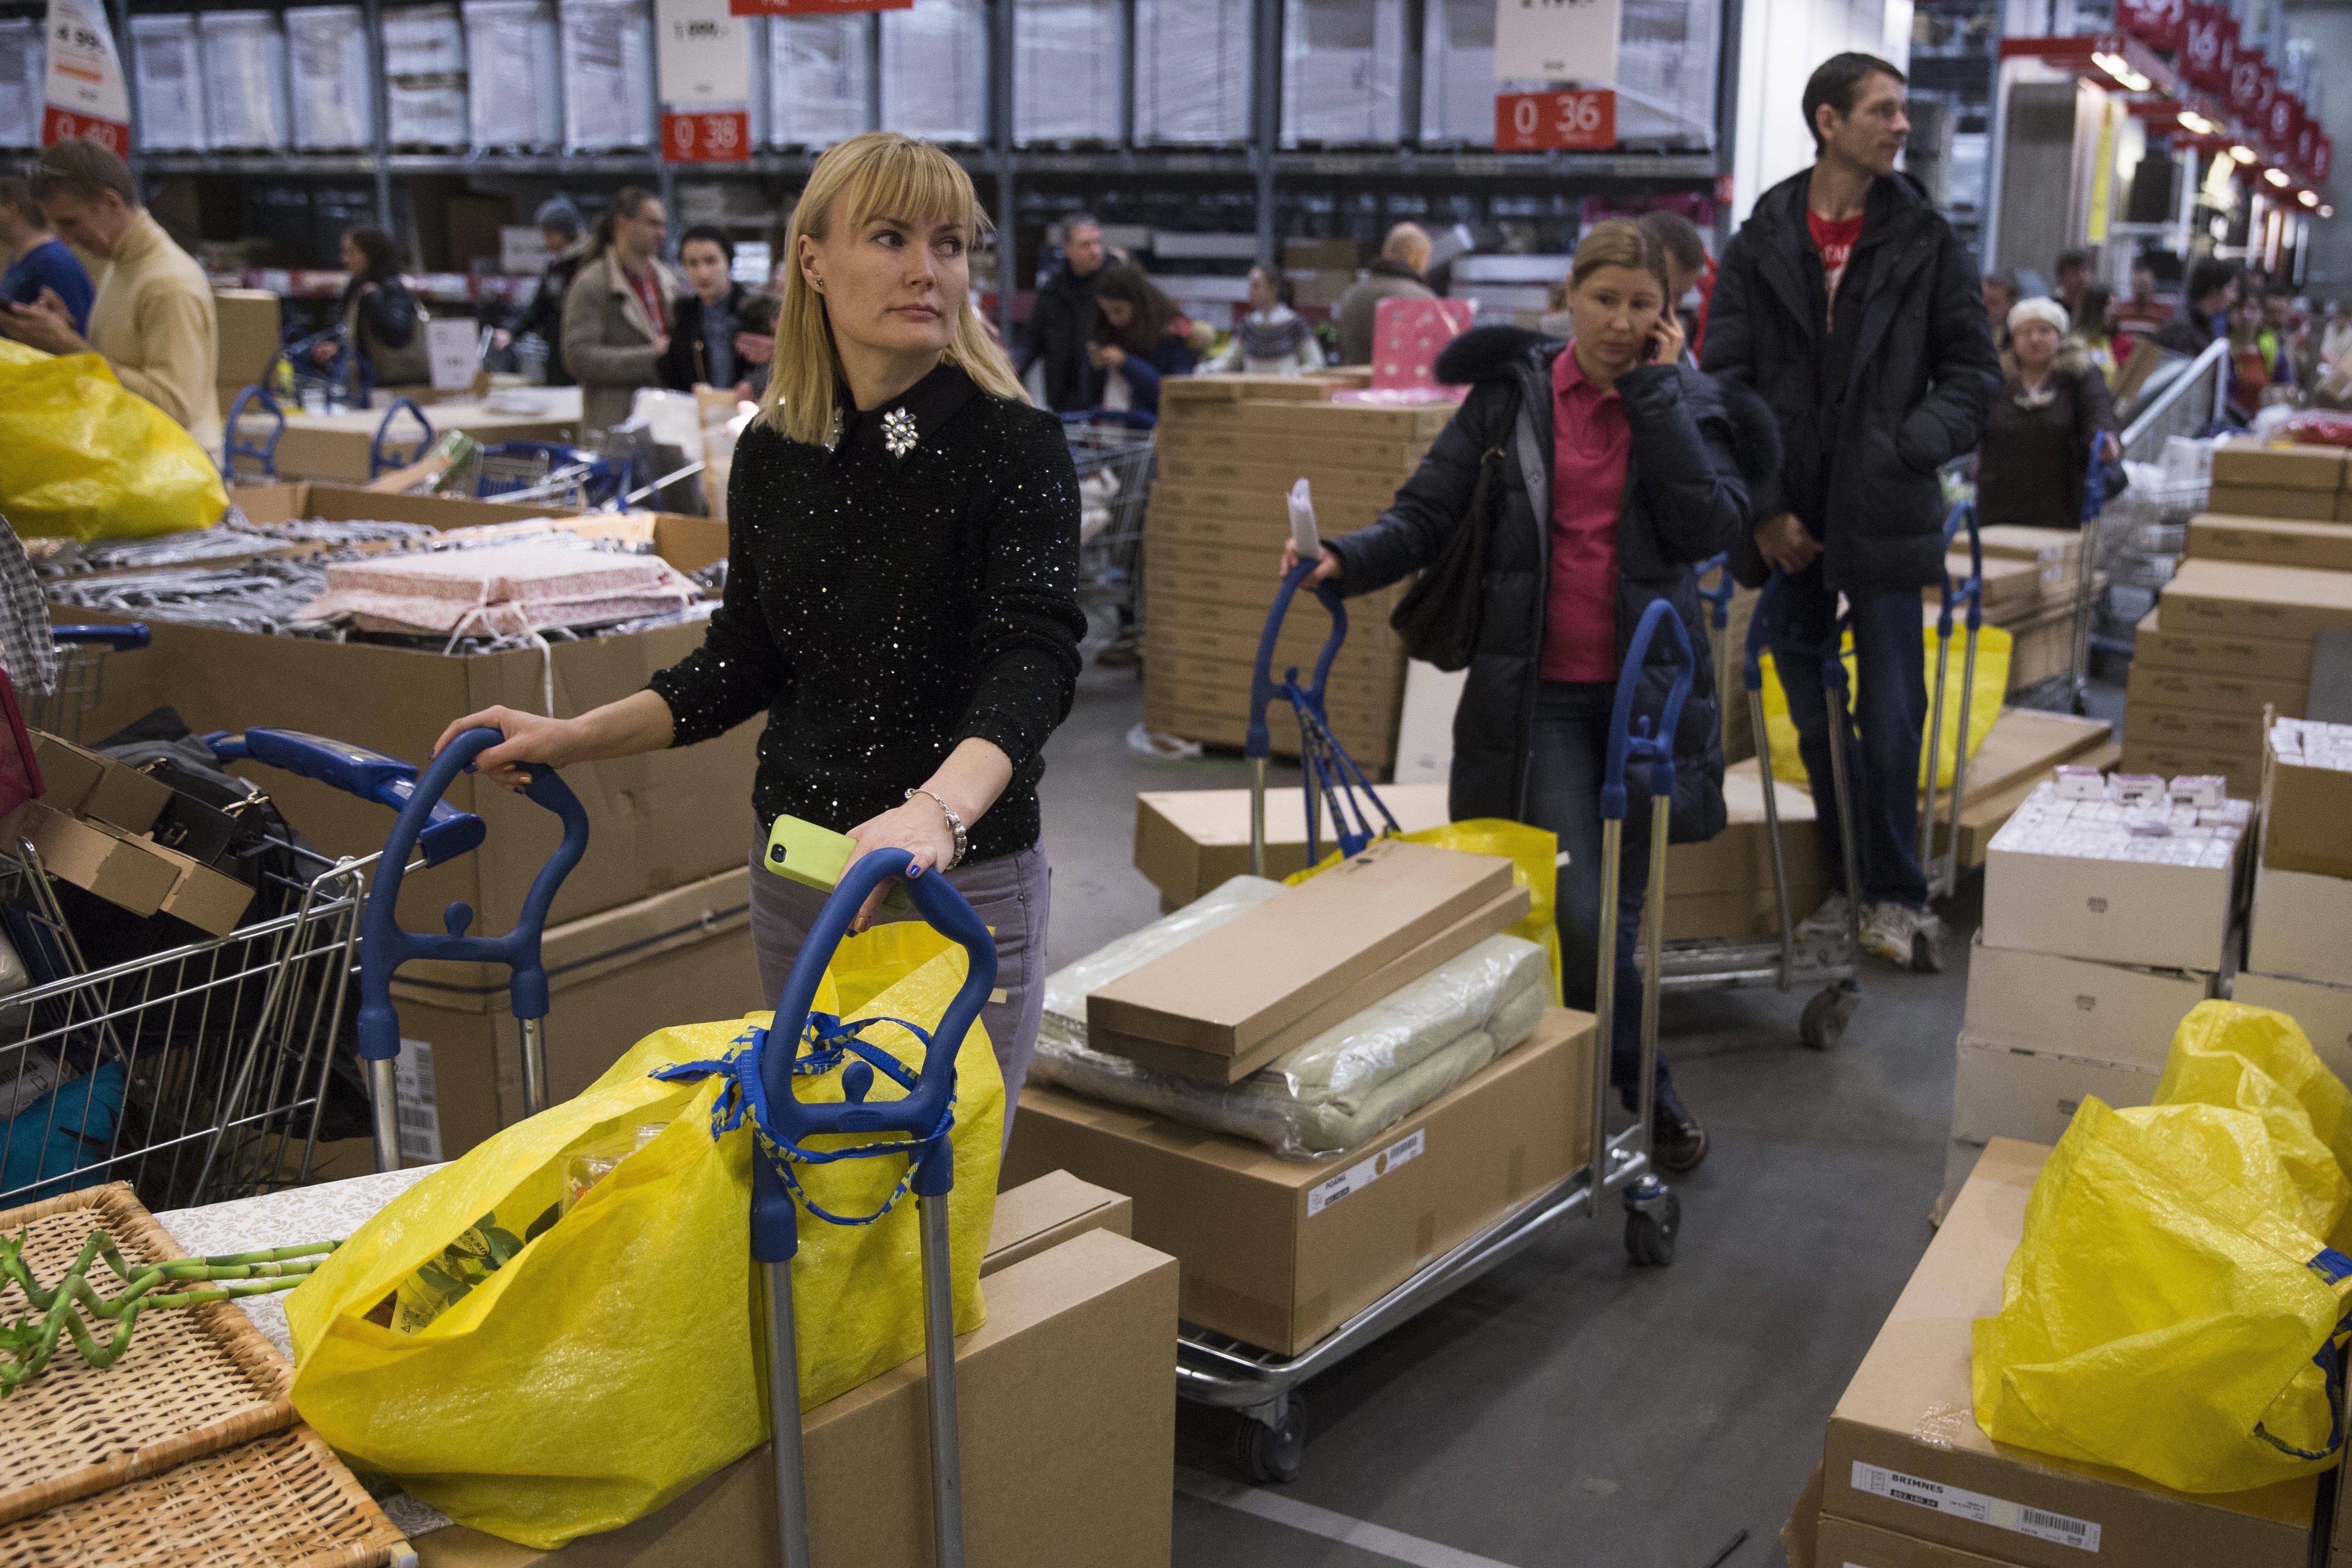 Ikea: Dieser Fehler beim Bezahlen passiert schnell und kann euch ins Gefängnis